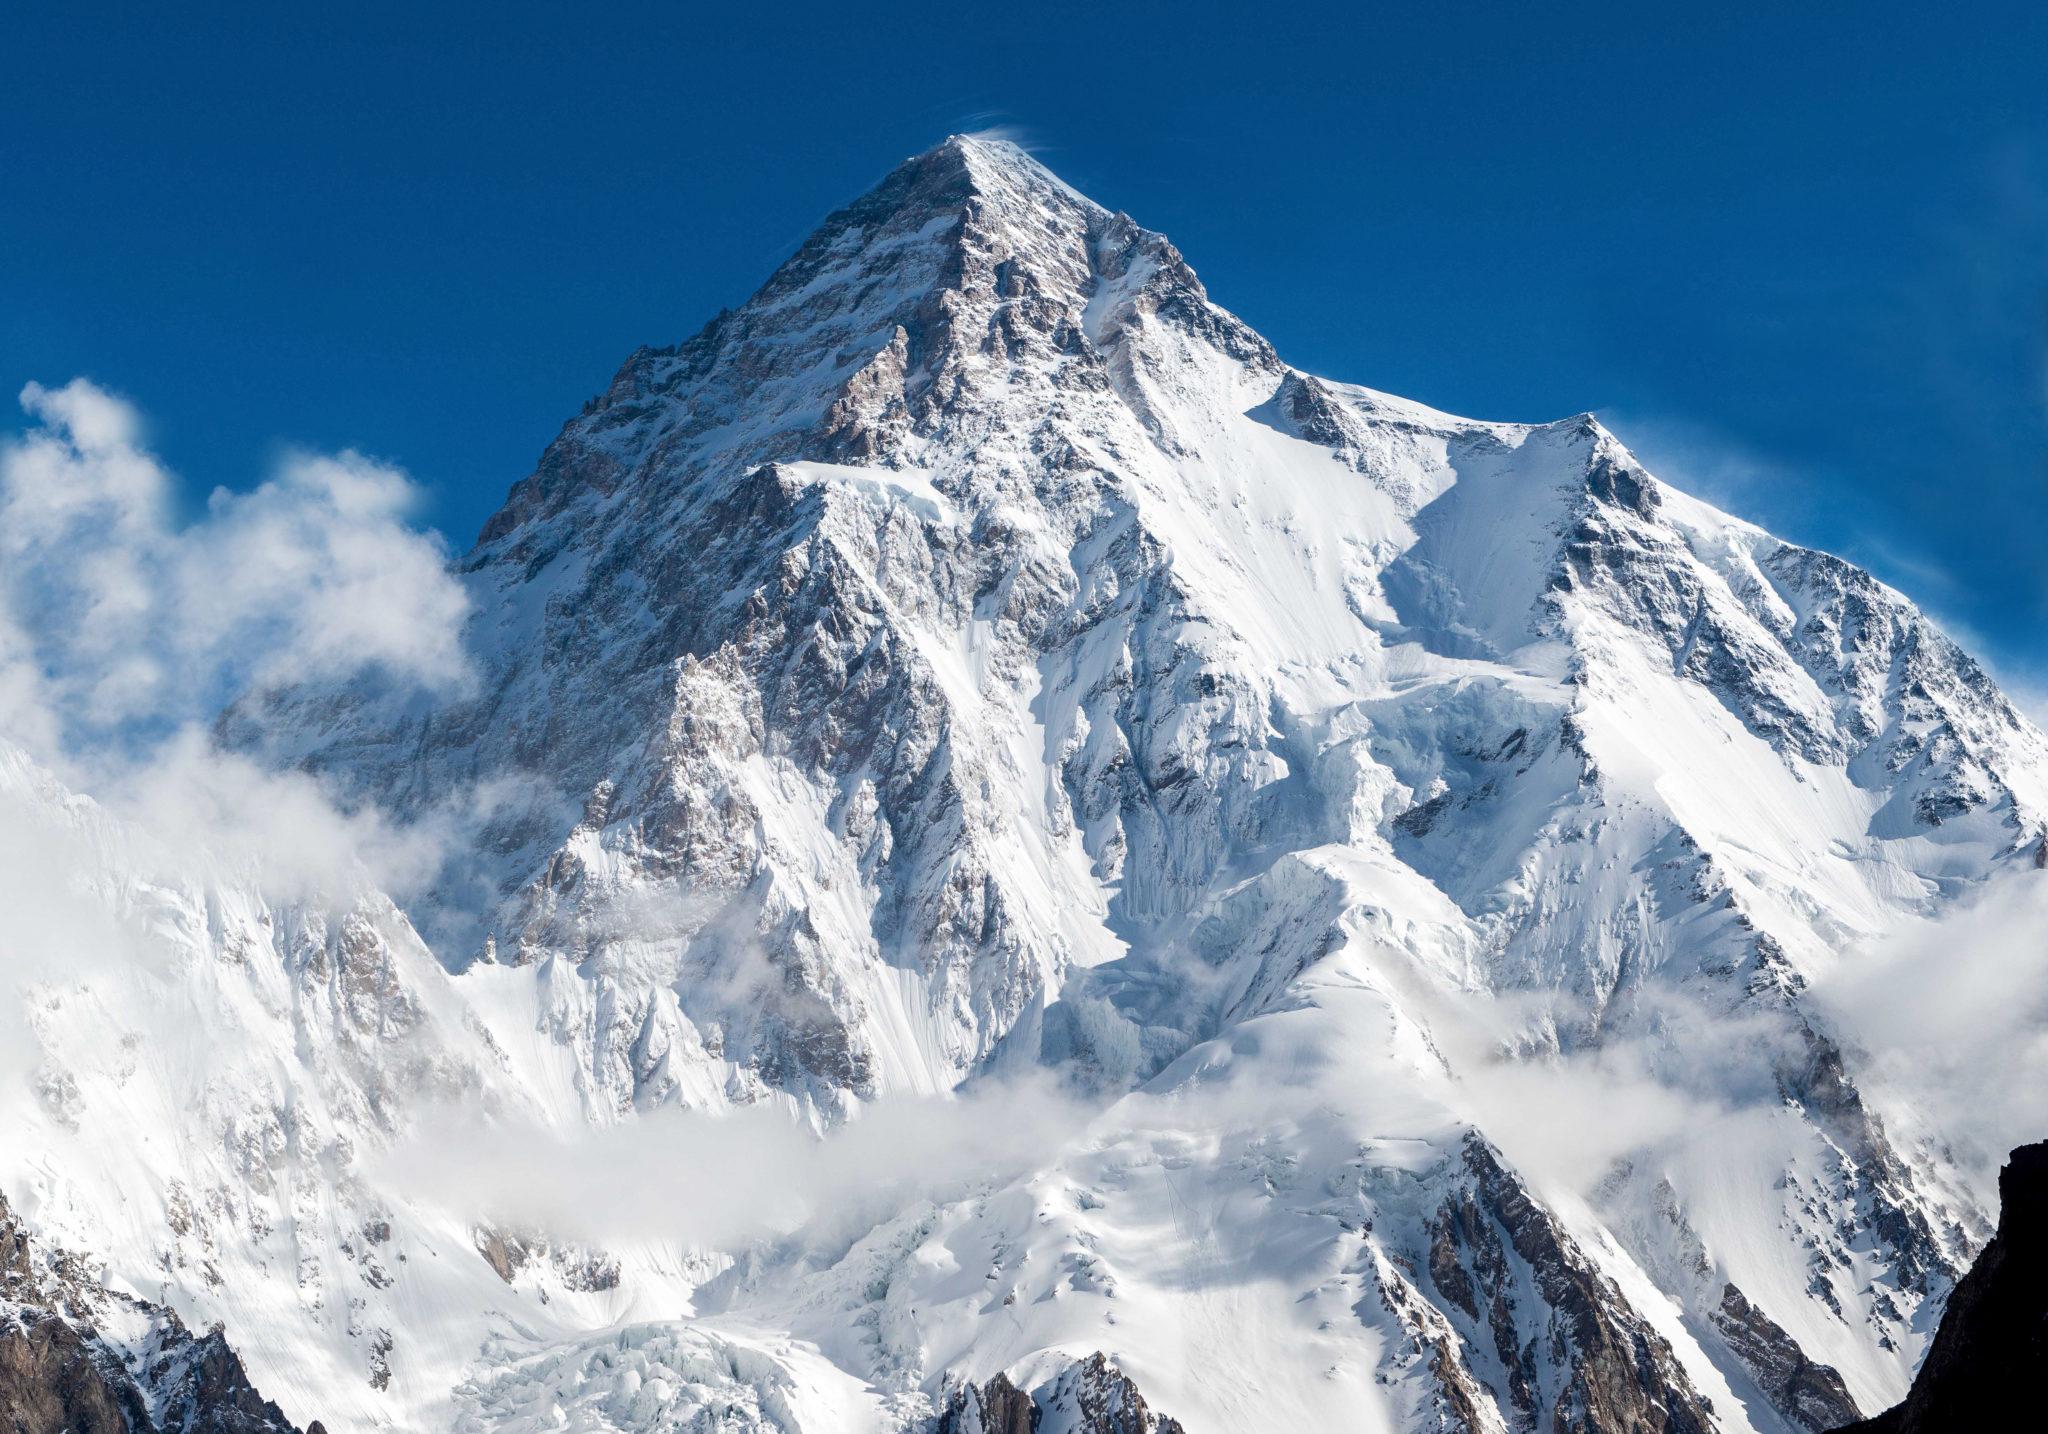 K2najwyższy szczyt Karakorum, drugi co do wysokości szczyt Ziemi